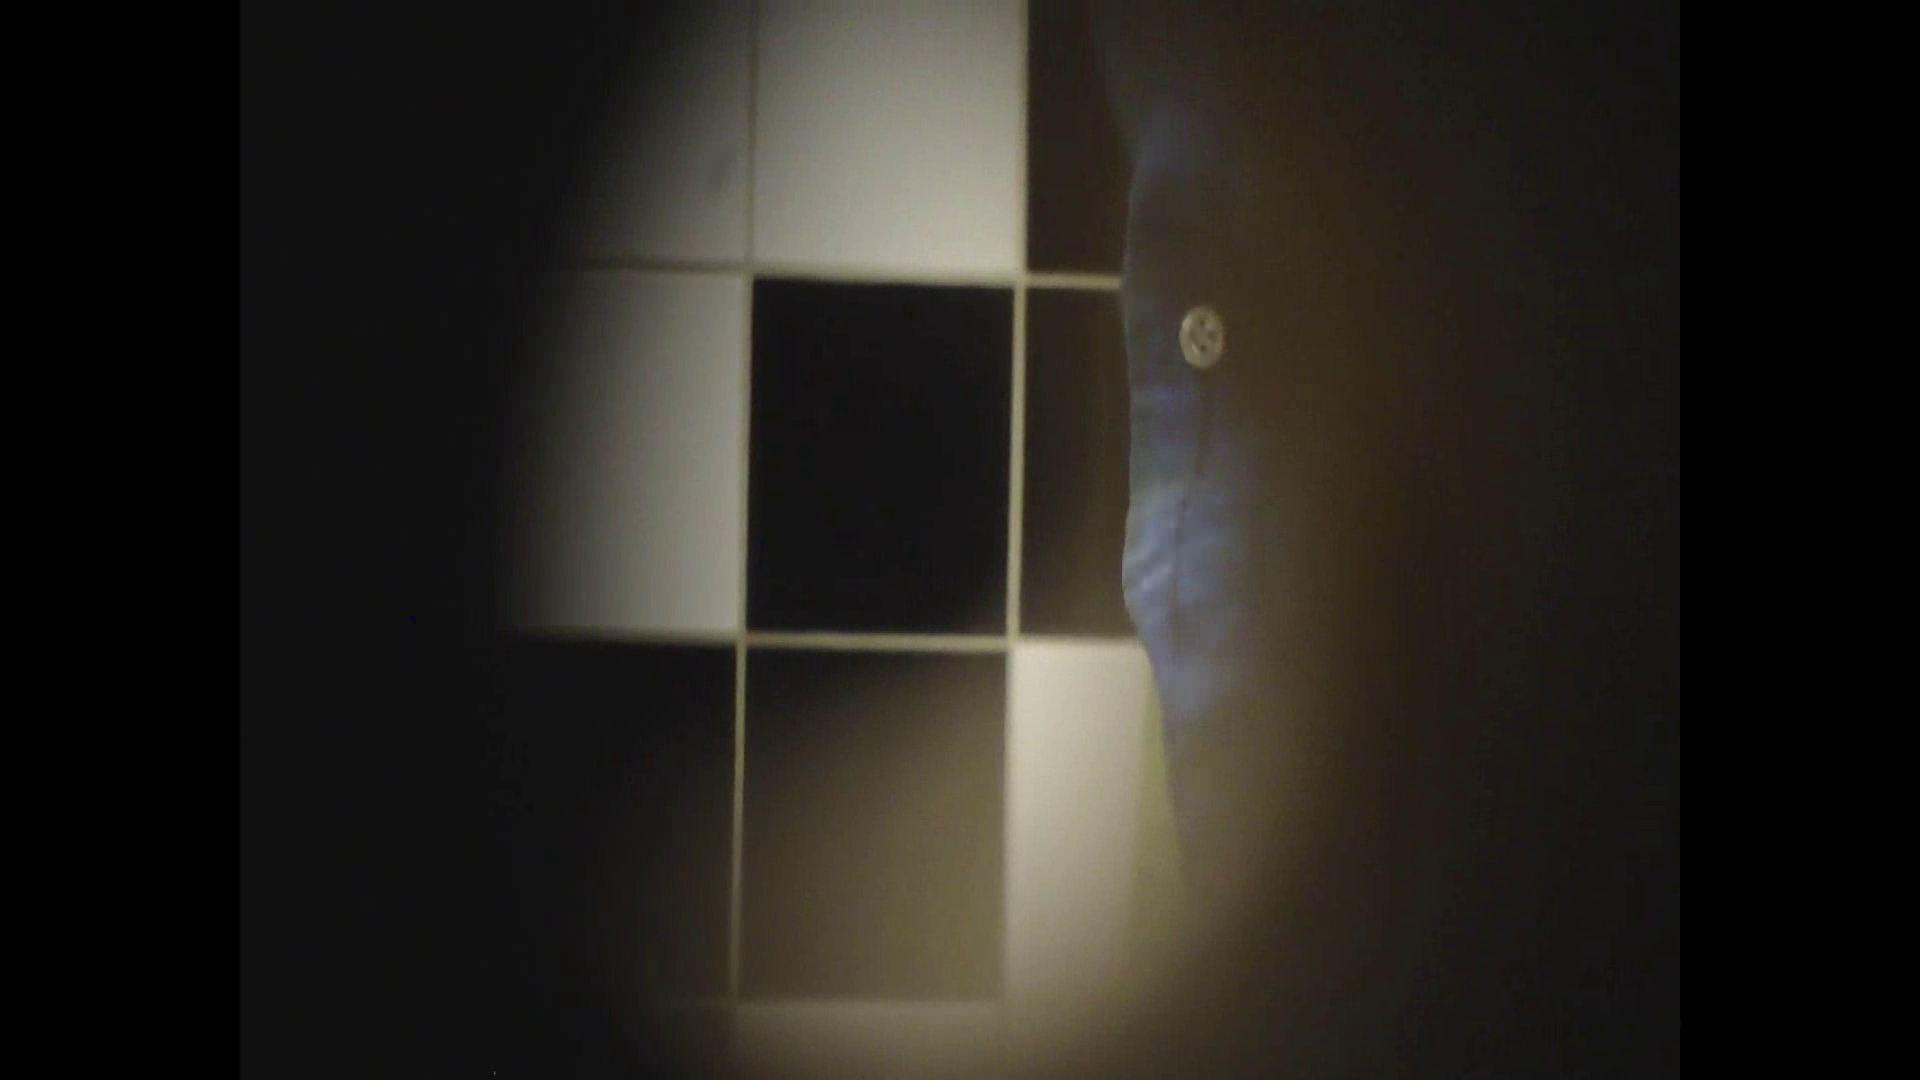 イケメンの素顔in洗面所 Vol.06 イケメンのsex | 0  106pic 83